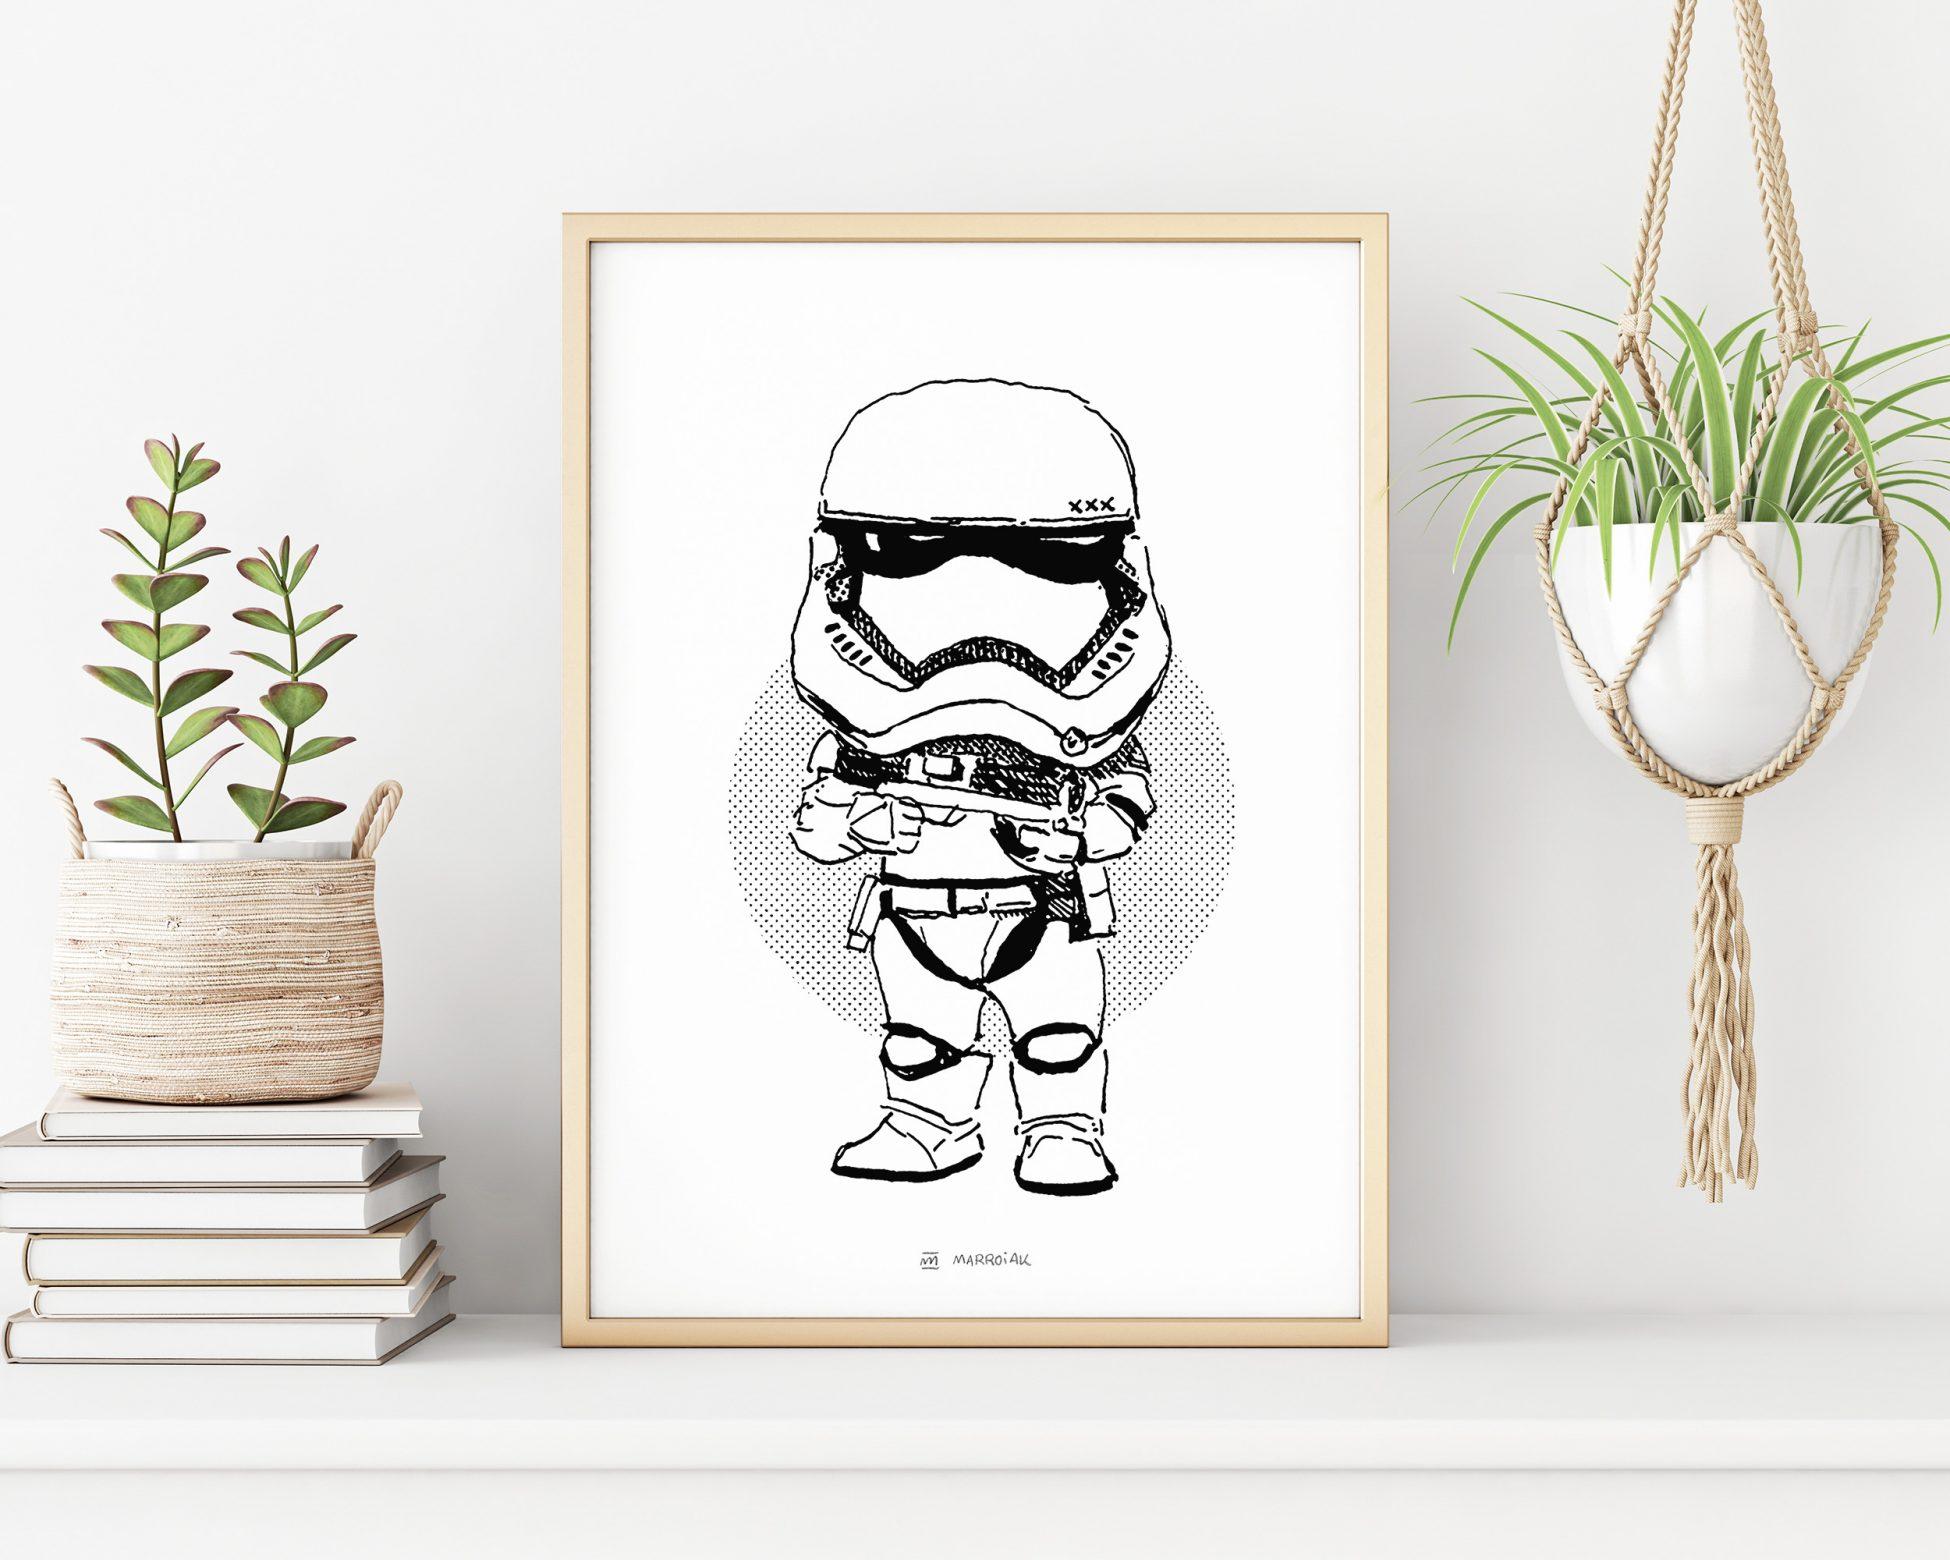 Lámina enmarcada con una ilustración de un Stormtrooper de la saga de películas Star Wars. Dibujo en blanco y negro. Decoración geek.